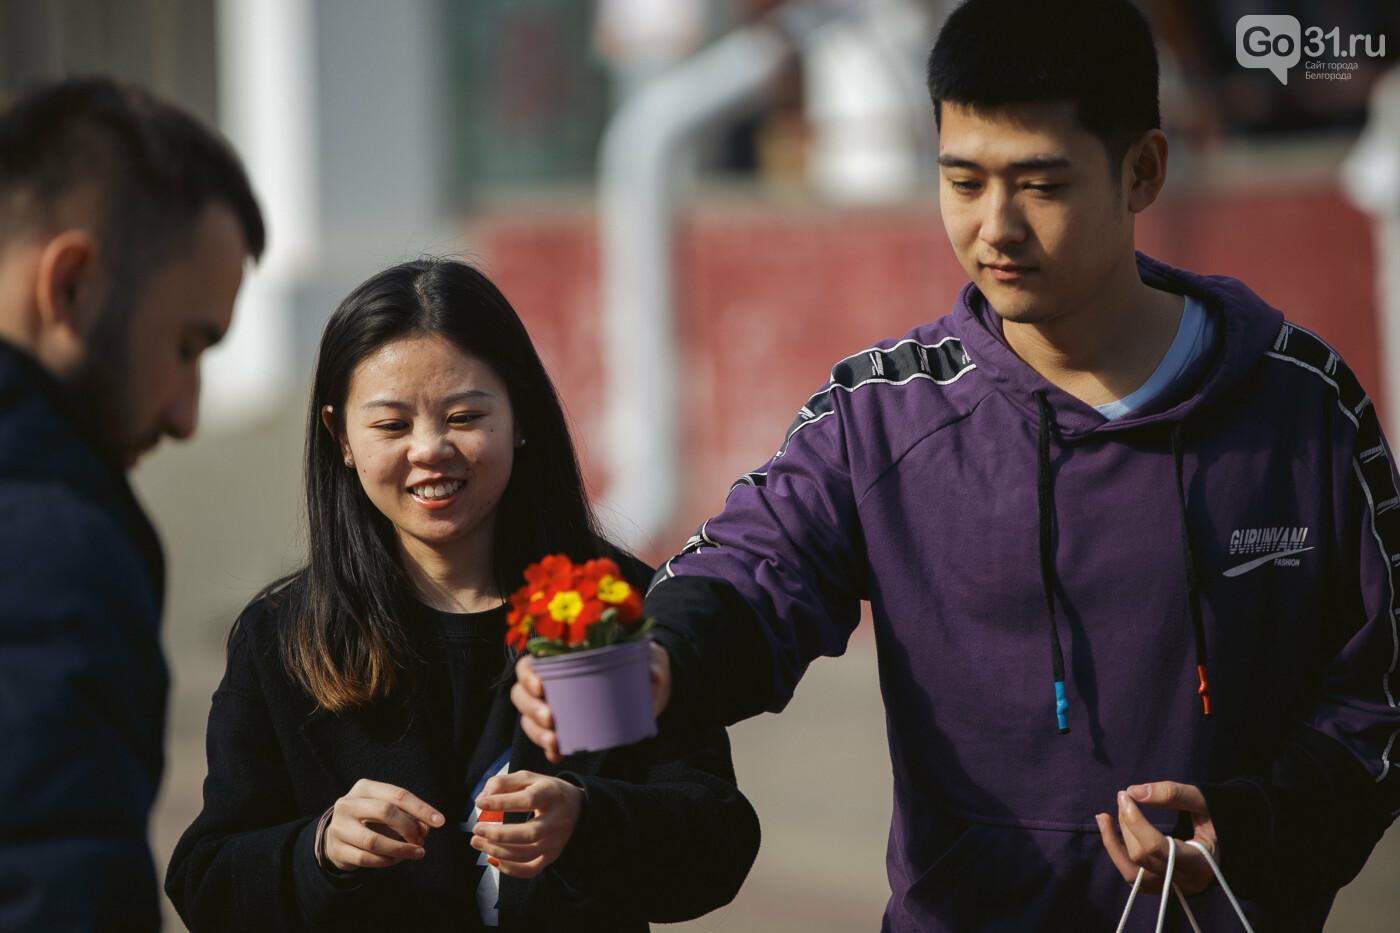 Дарить эмоции. Как белгородцы радовали дам цветами к 8 Марта, фото-13